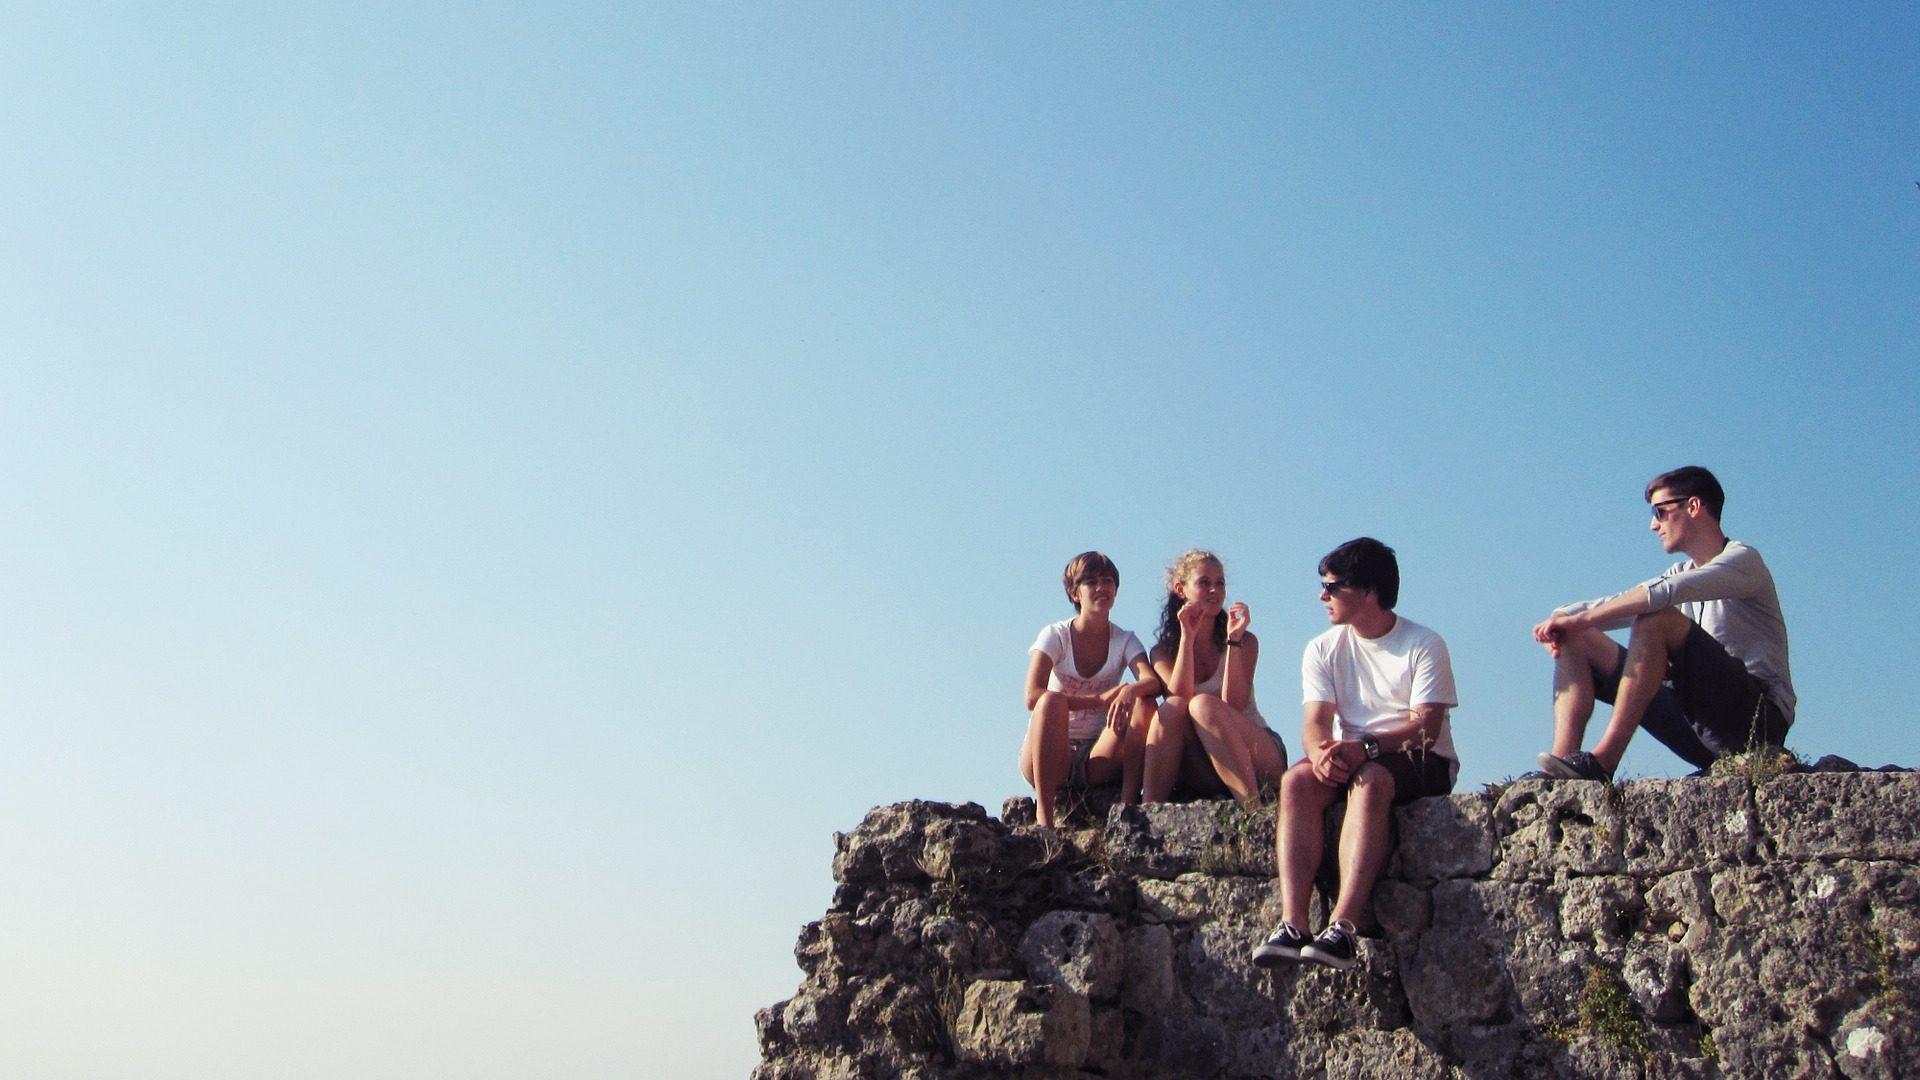 Jugendliche-Freizeit-Konfirmanden-Troisdorf-Evangelisch